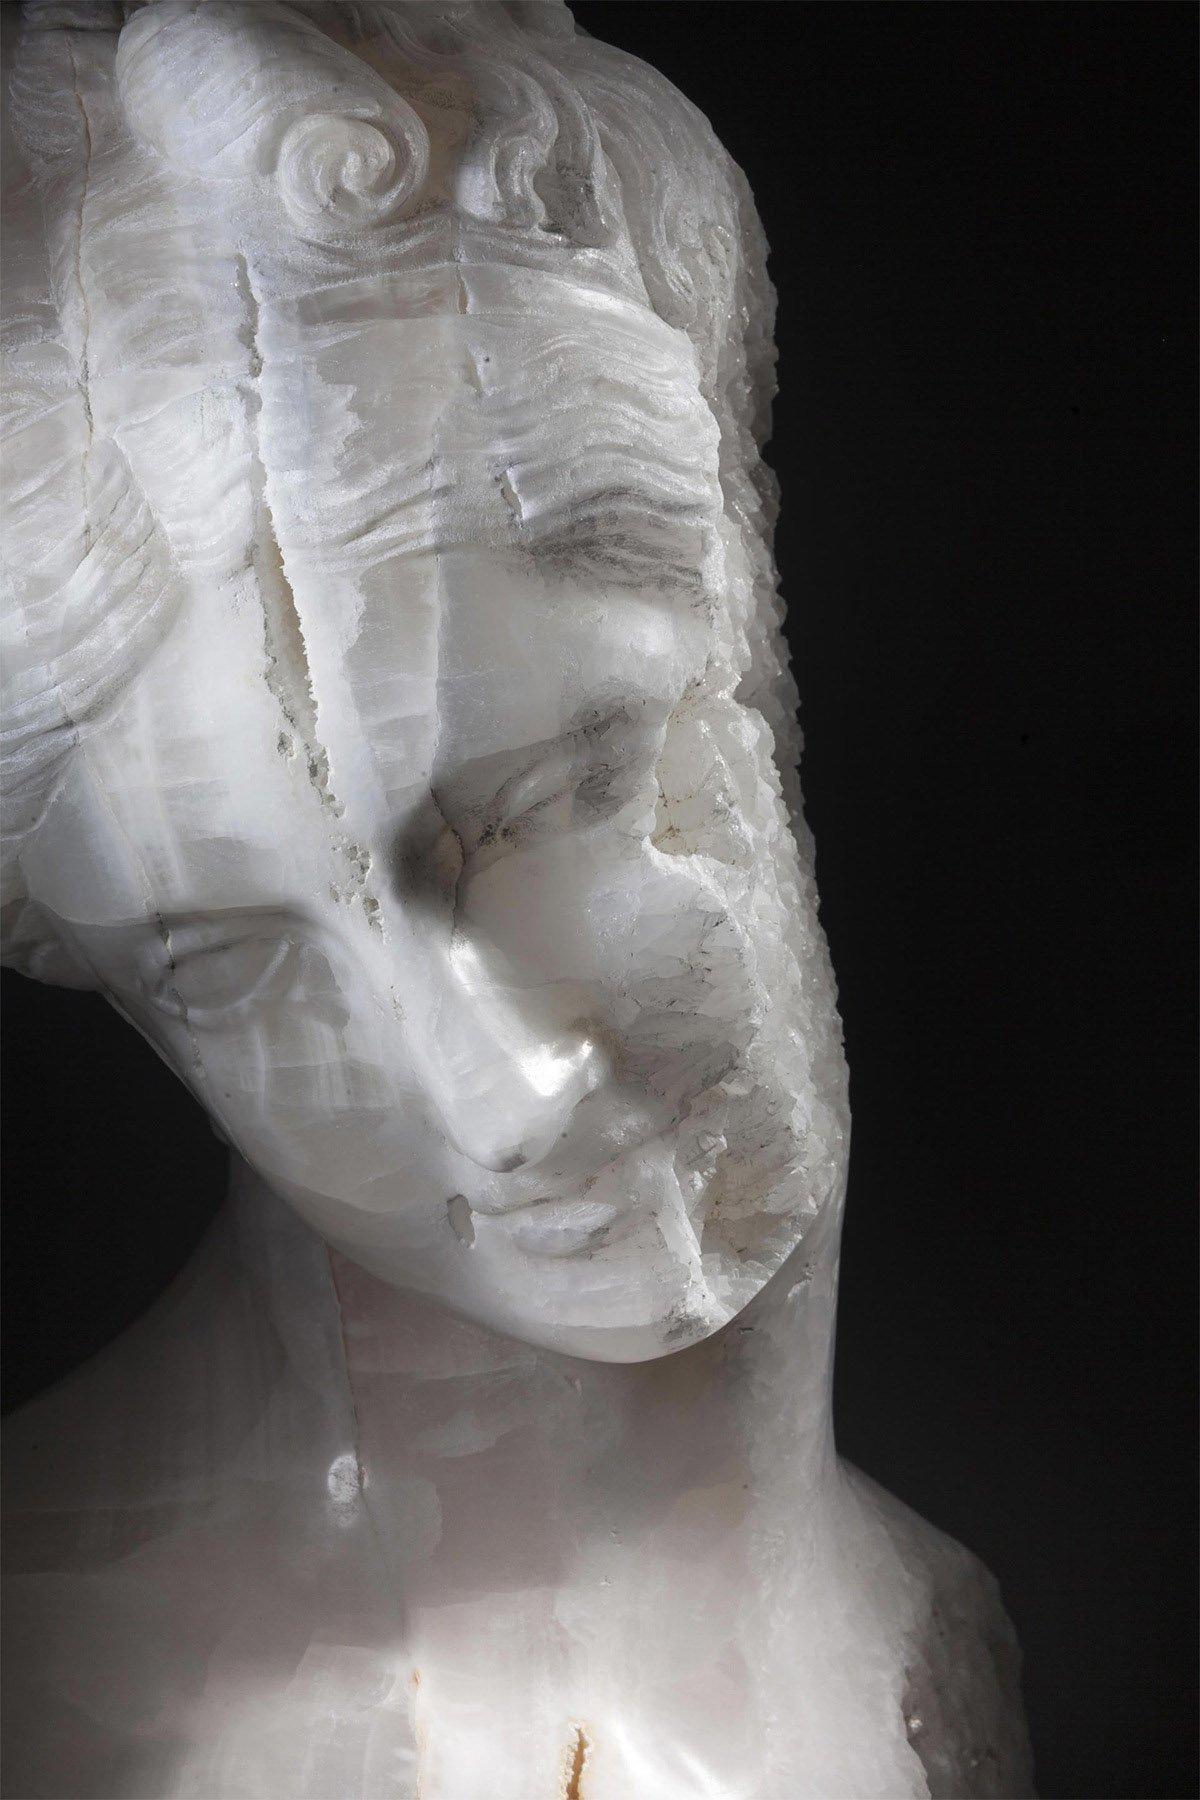 iGNANT_Art_Massimilianio_Pelletti_Ancient_Sculptures_7